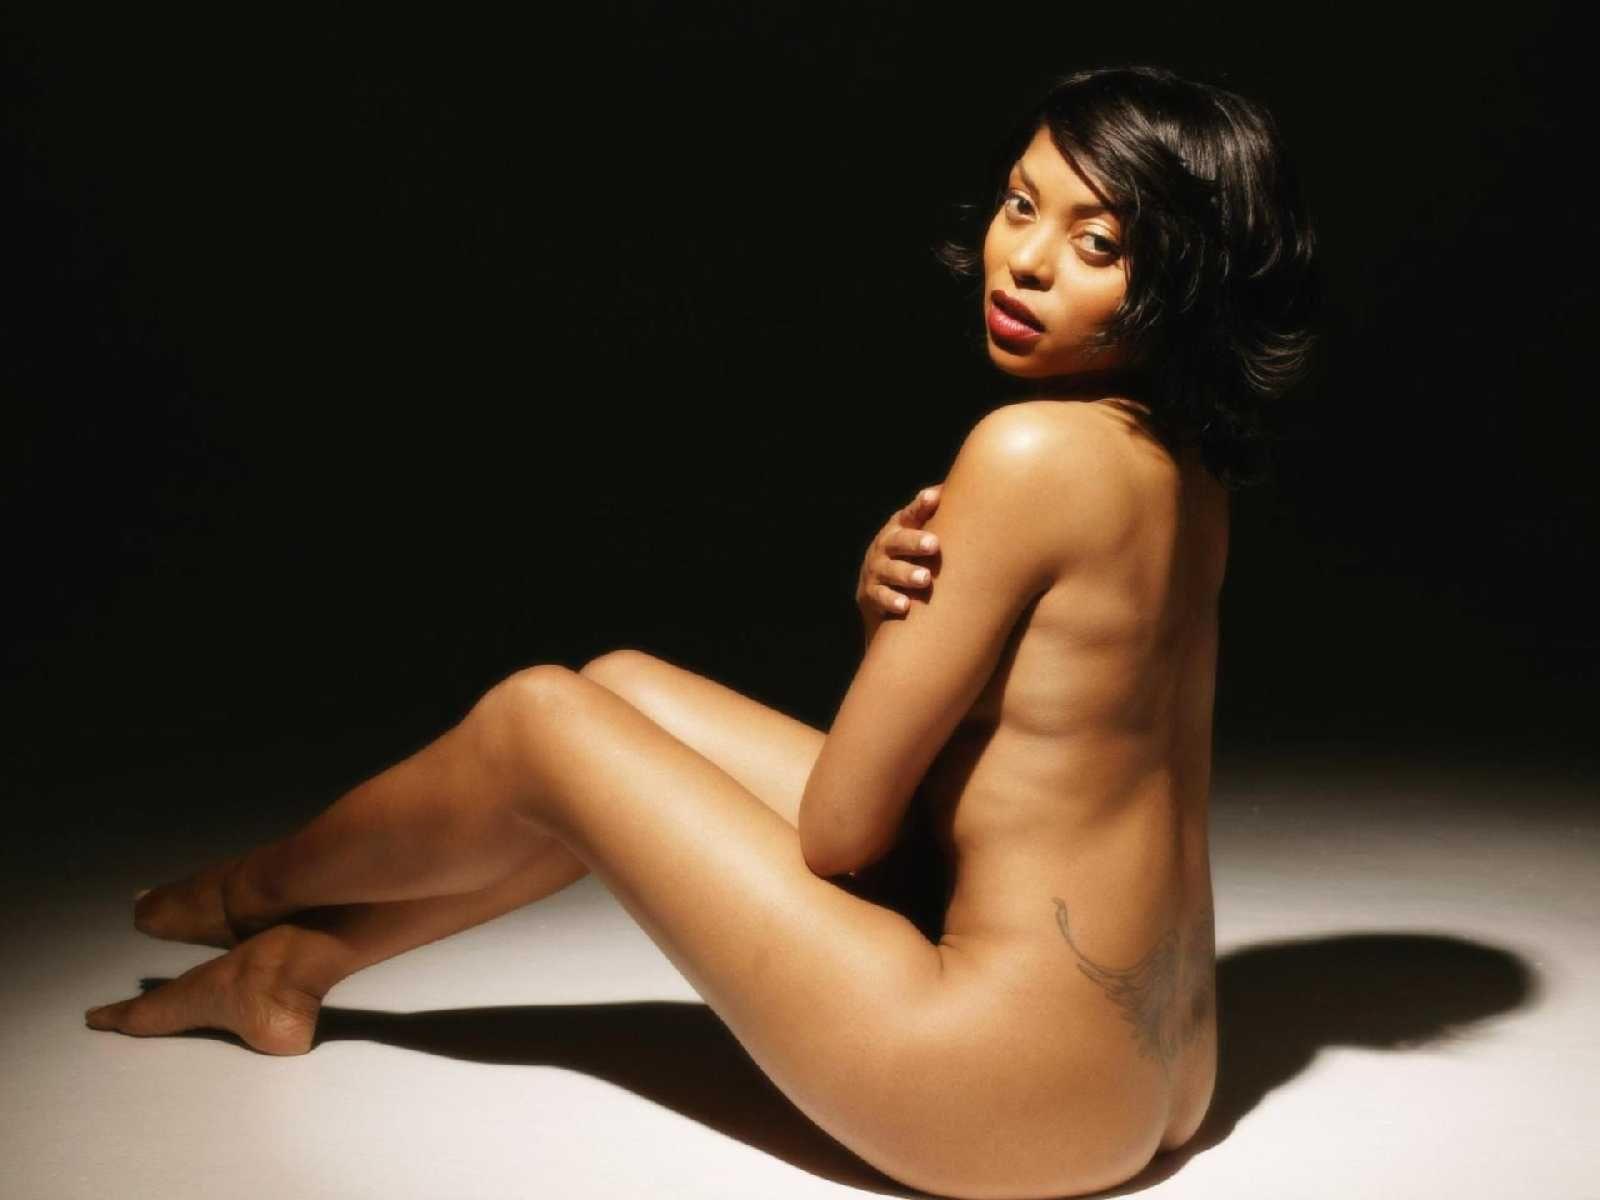 Hot sexy desi girl-9115